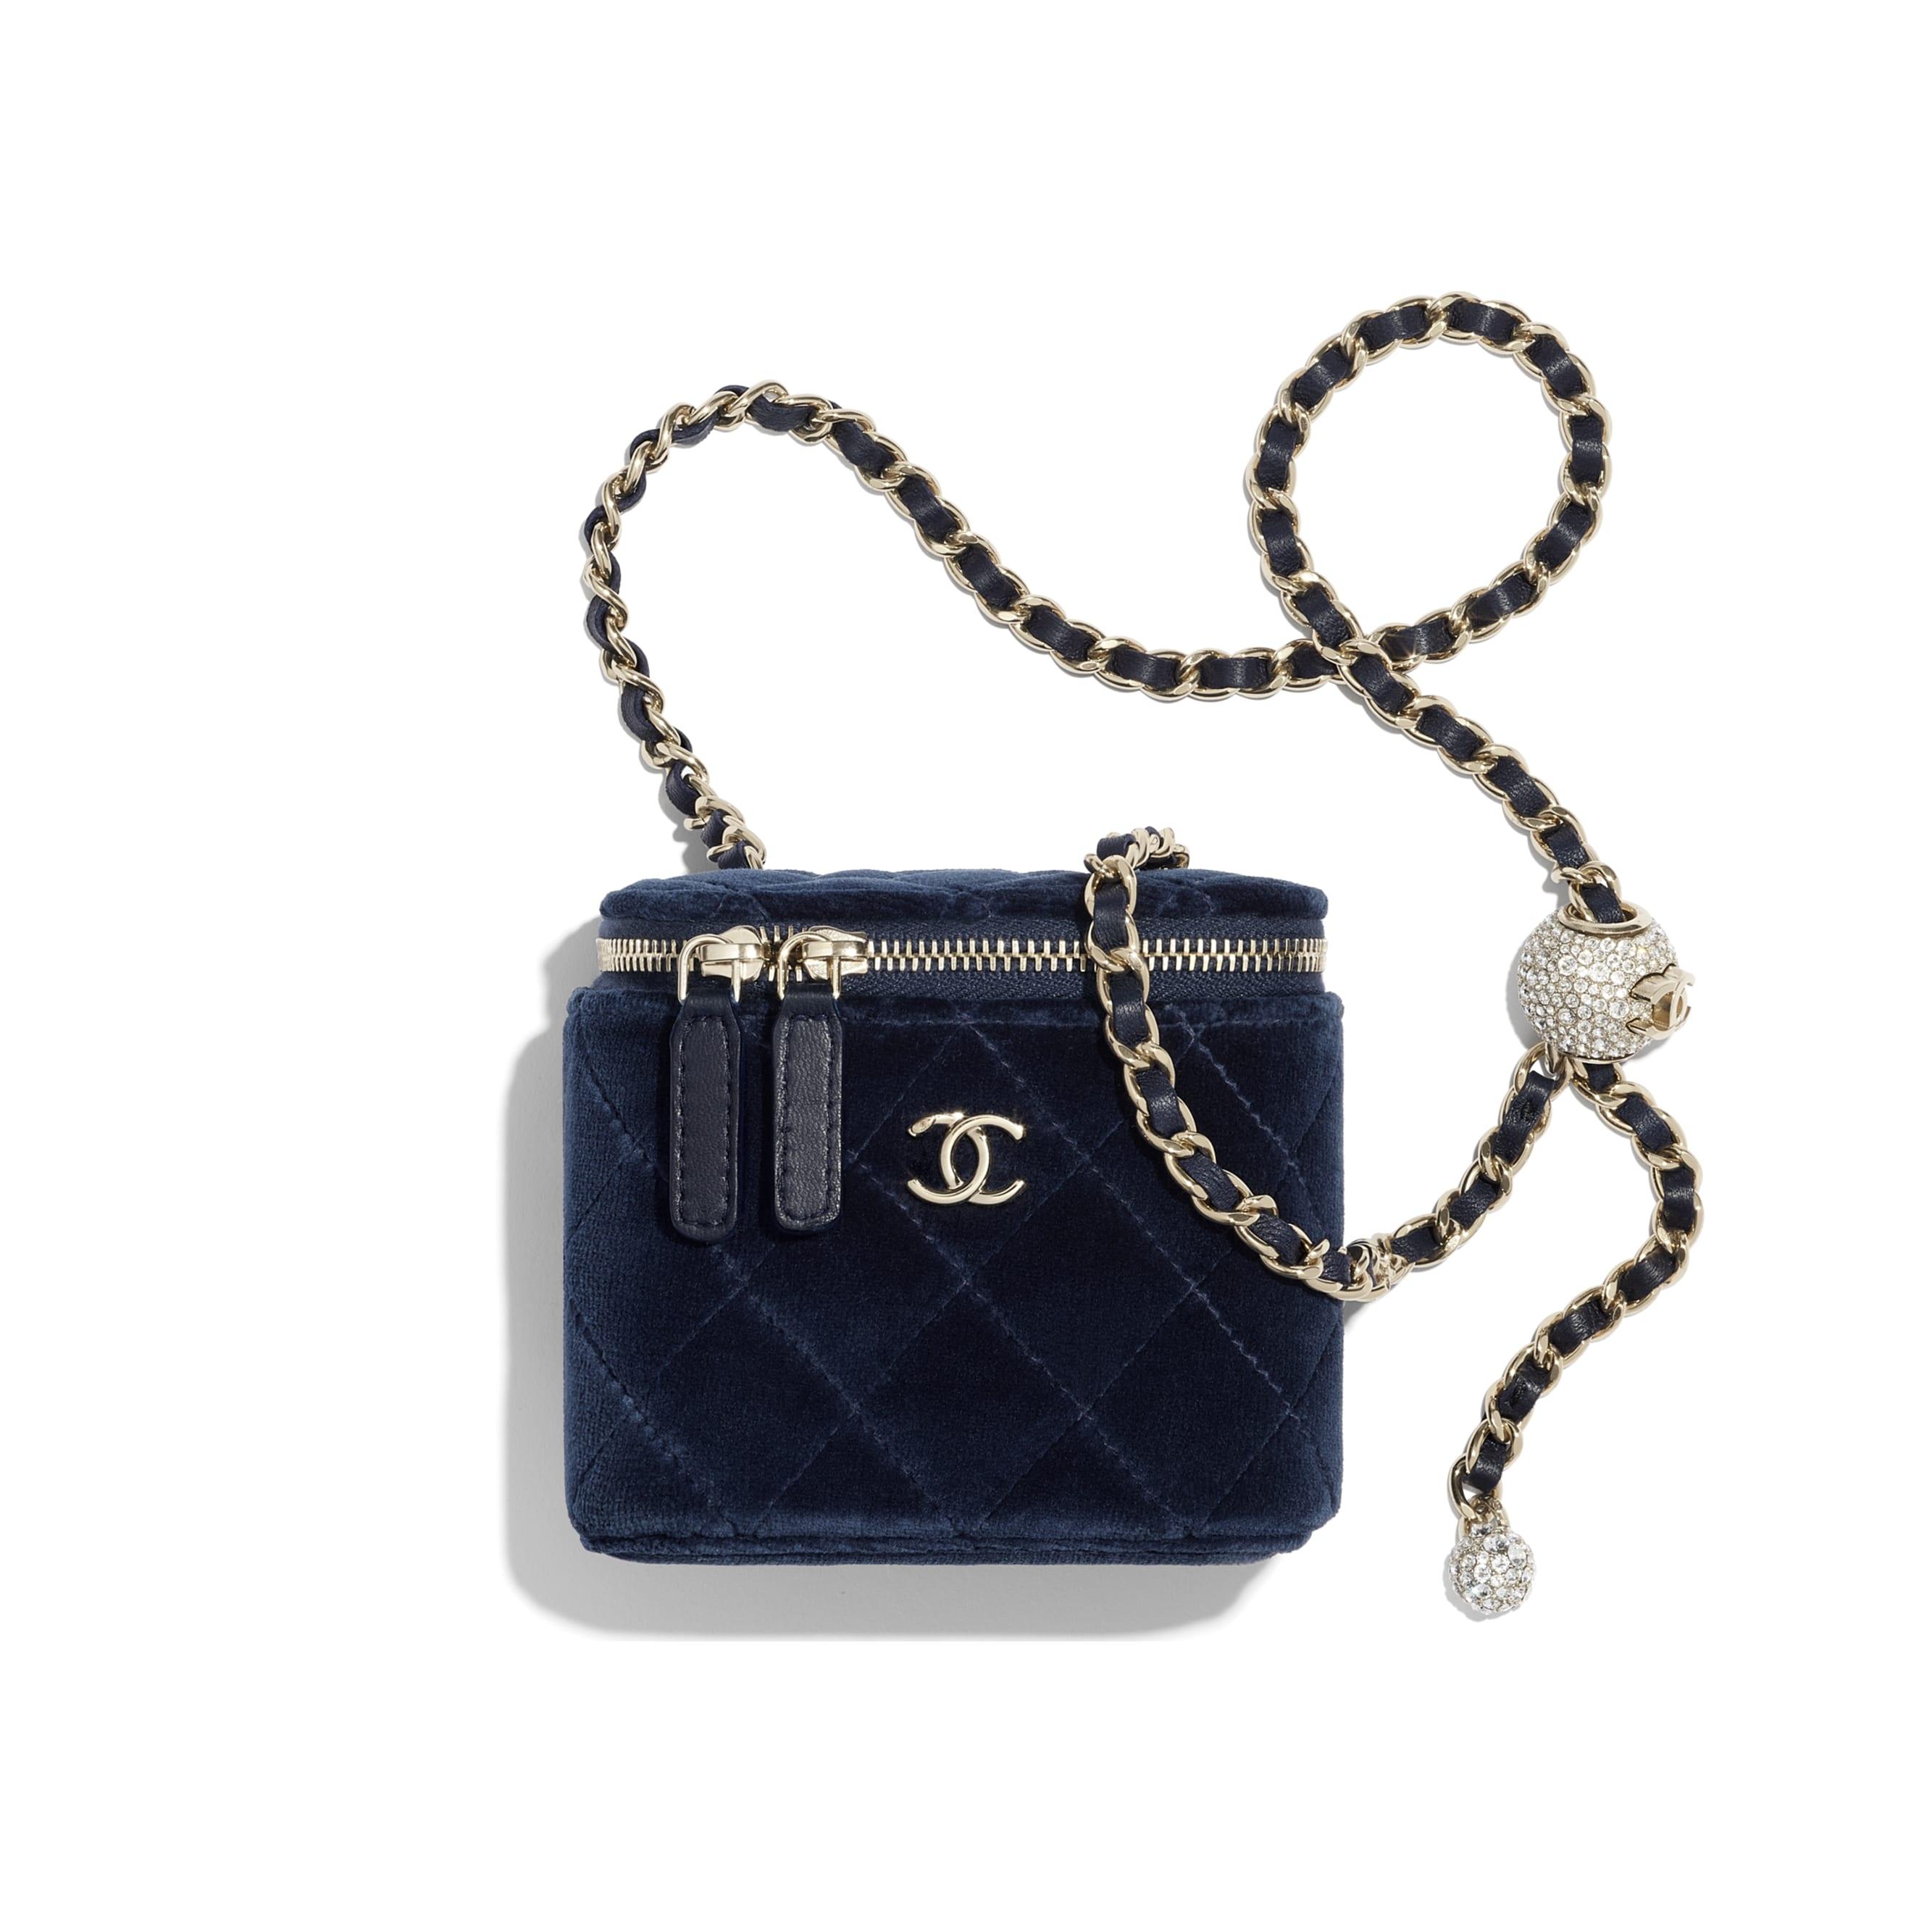 กระเป๋า Vanity ขนาดเล็ก พร้อมสายโซ่ - สีน้ำเงินเนวี่บลู - กำมะหยี่, คริสตัล และโลหะสีทอง - CHANEL - มุมมองปัจจุบัน - ดูเวอร์ชันขนาดมาตรฐาน